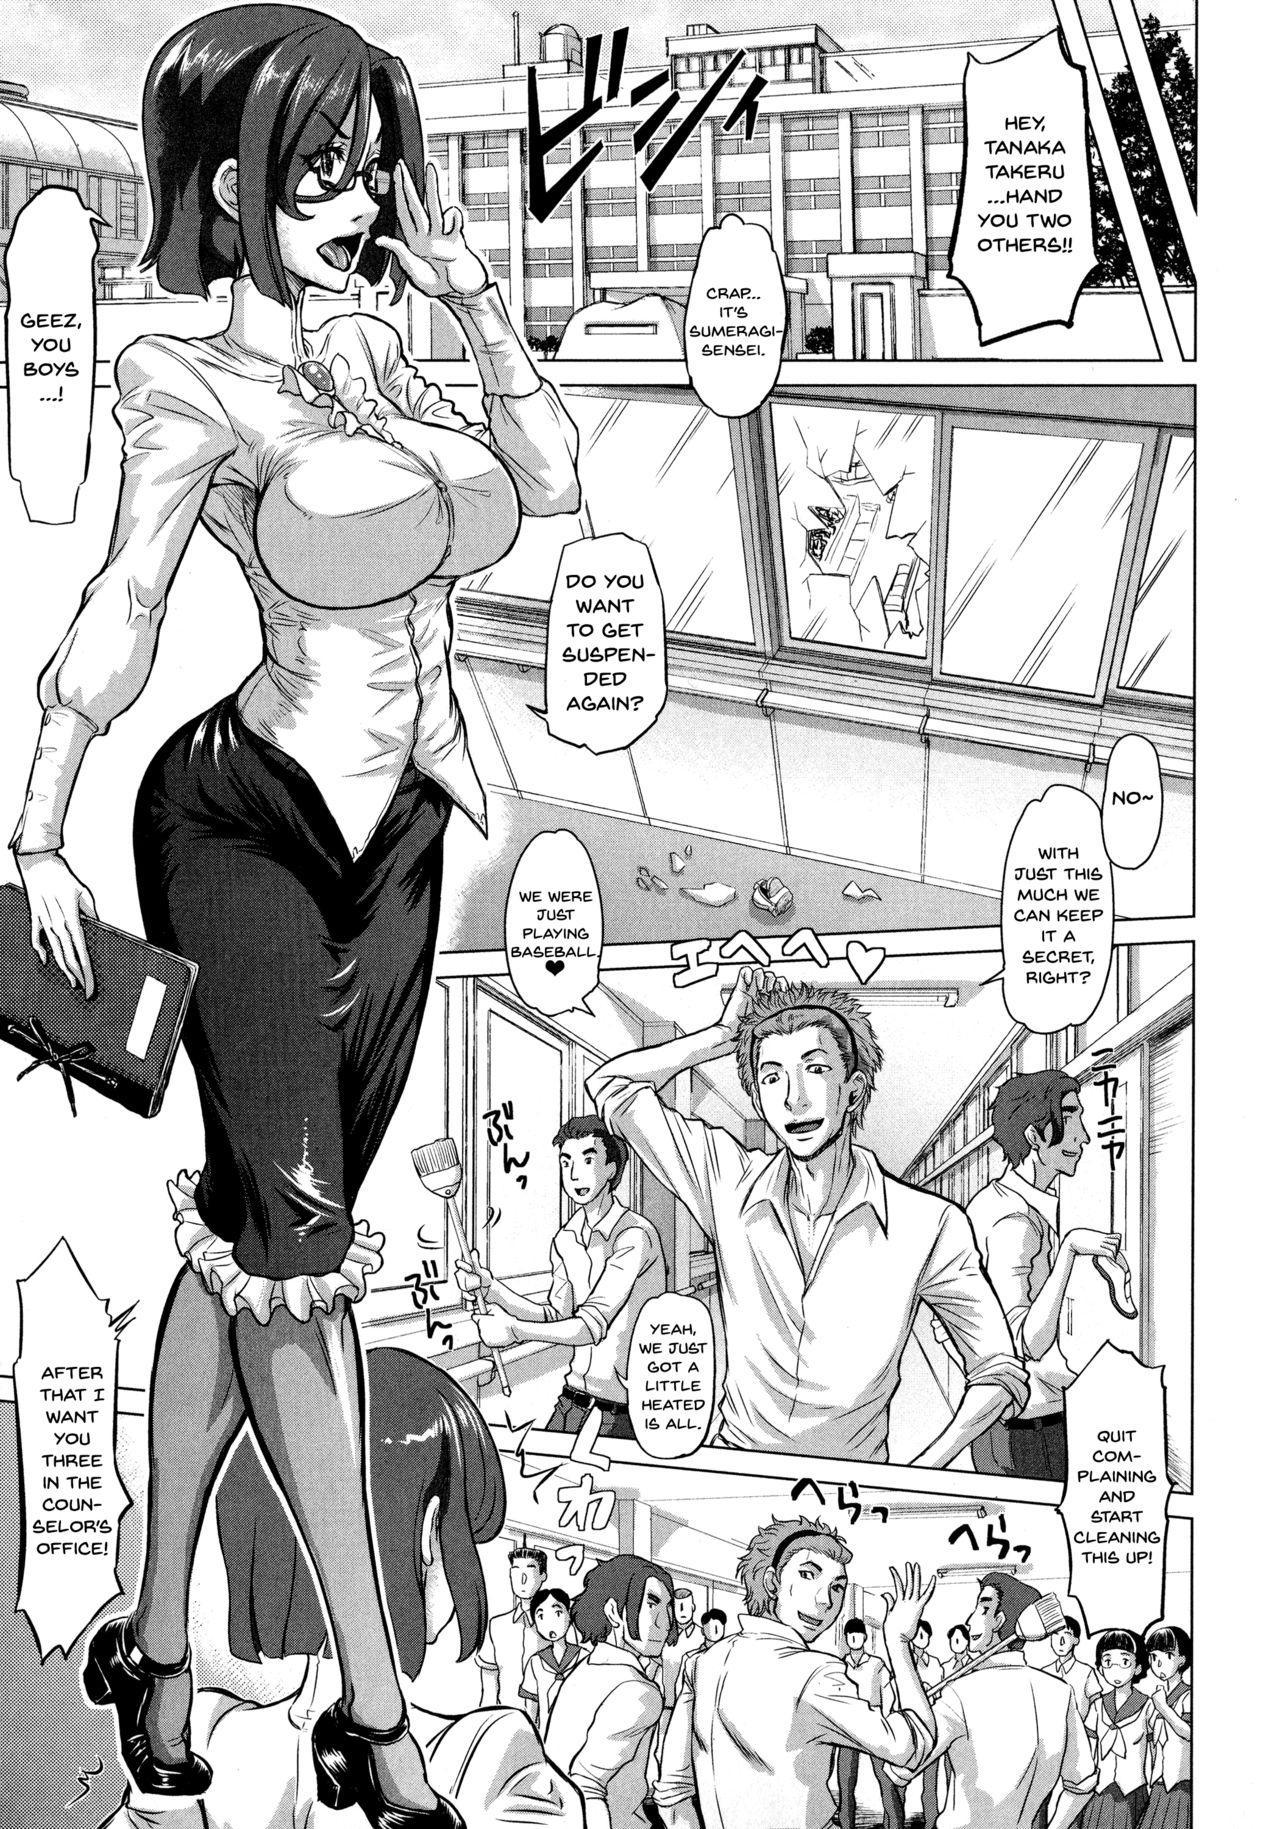 [Minority] Negative Kanako-sensei Ch. 1-6 [English] {Doujins.com} 10